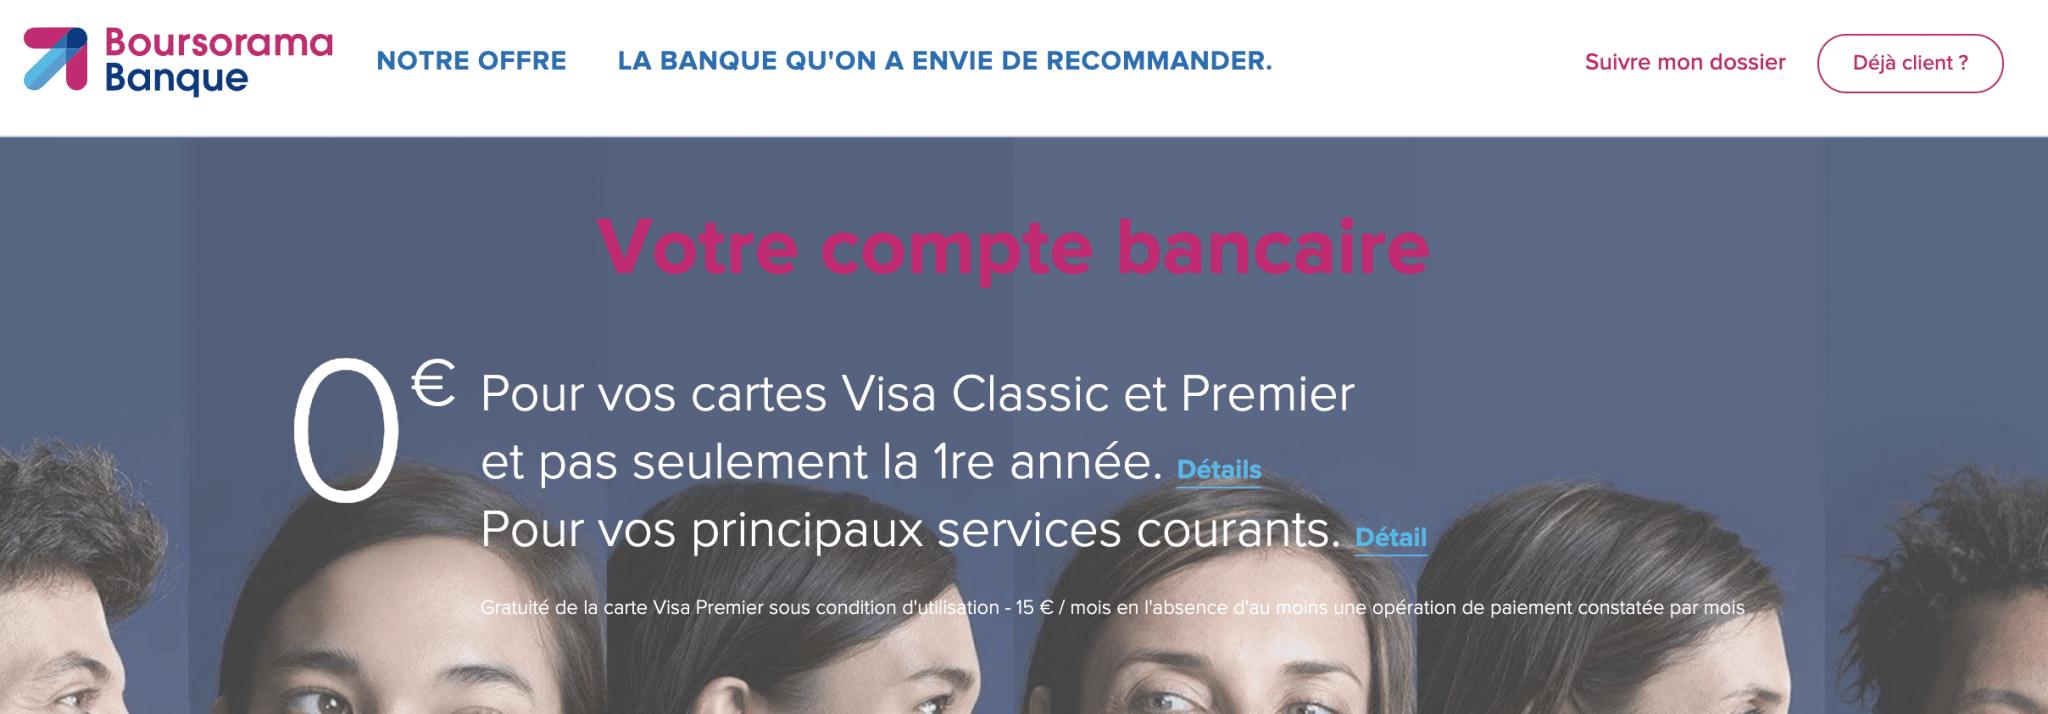 La banque en ligne Boursorama Banque